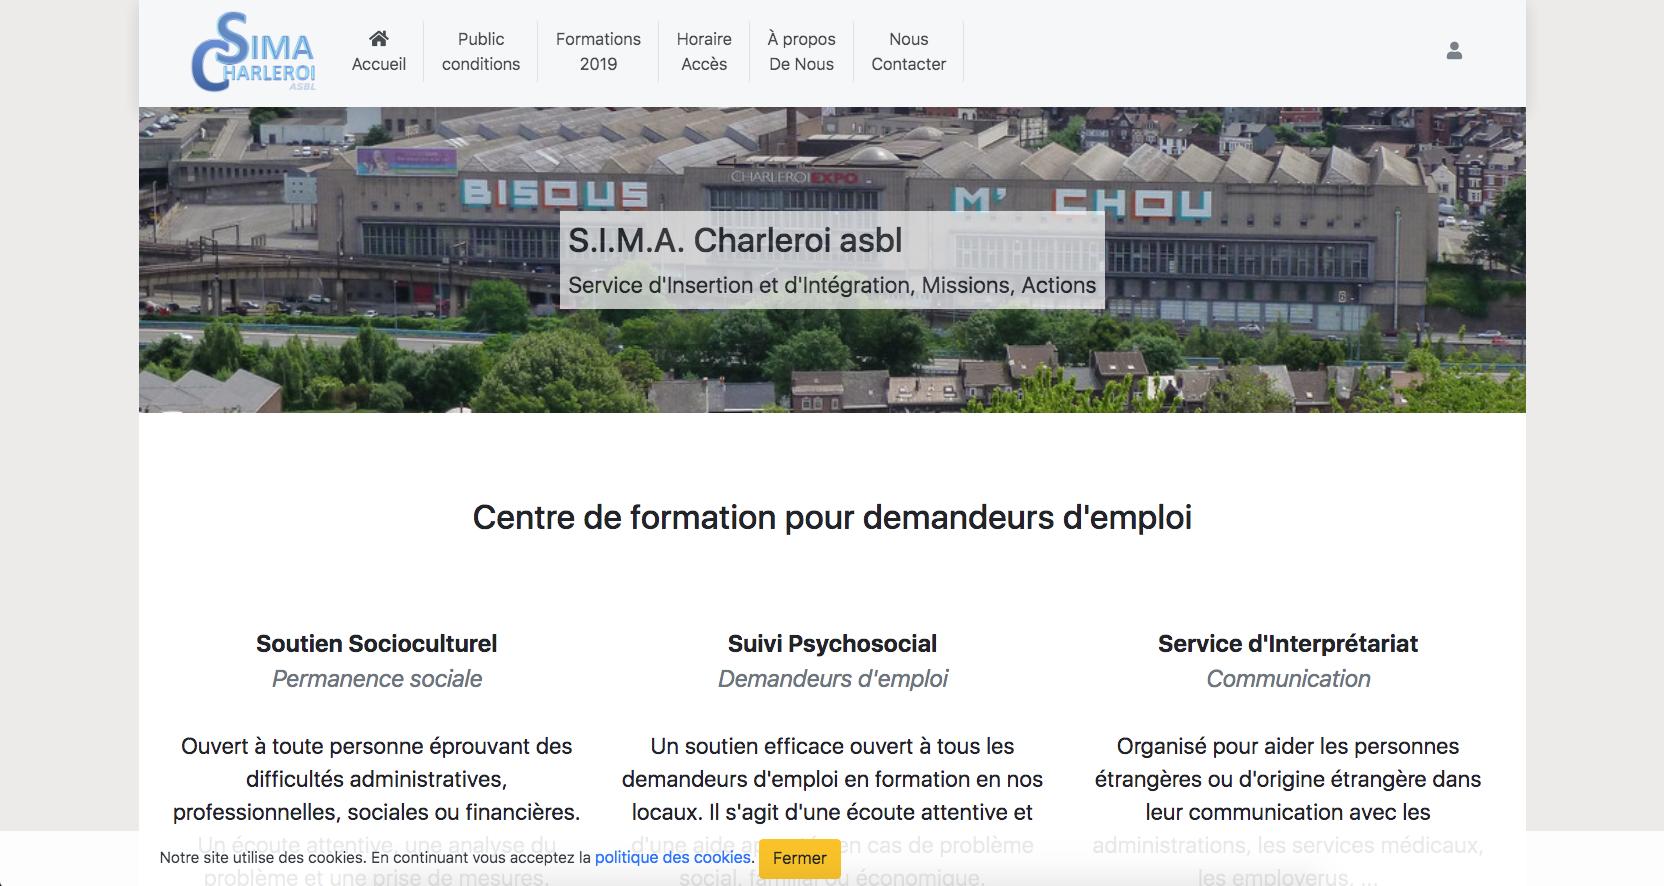 SIMA Charleroi - Centre de formation pour demandeurs d'emploi